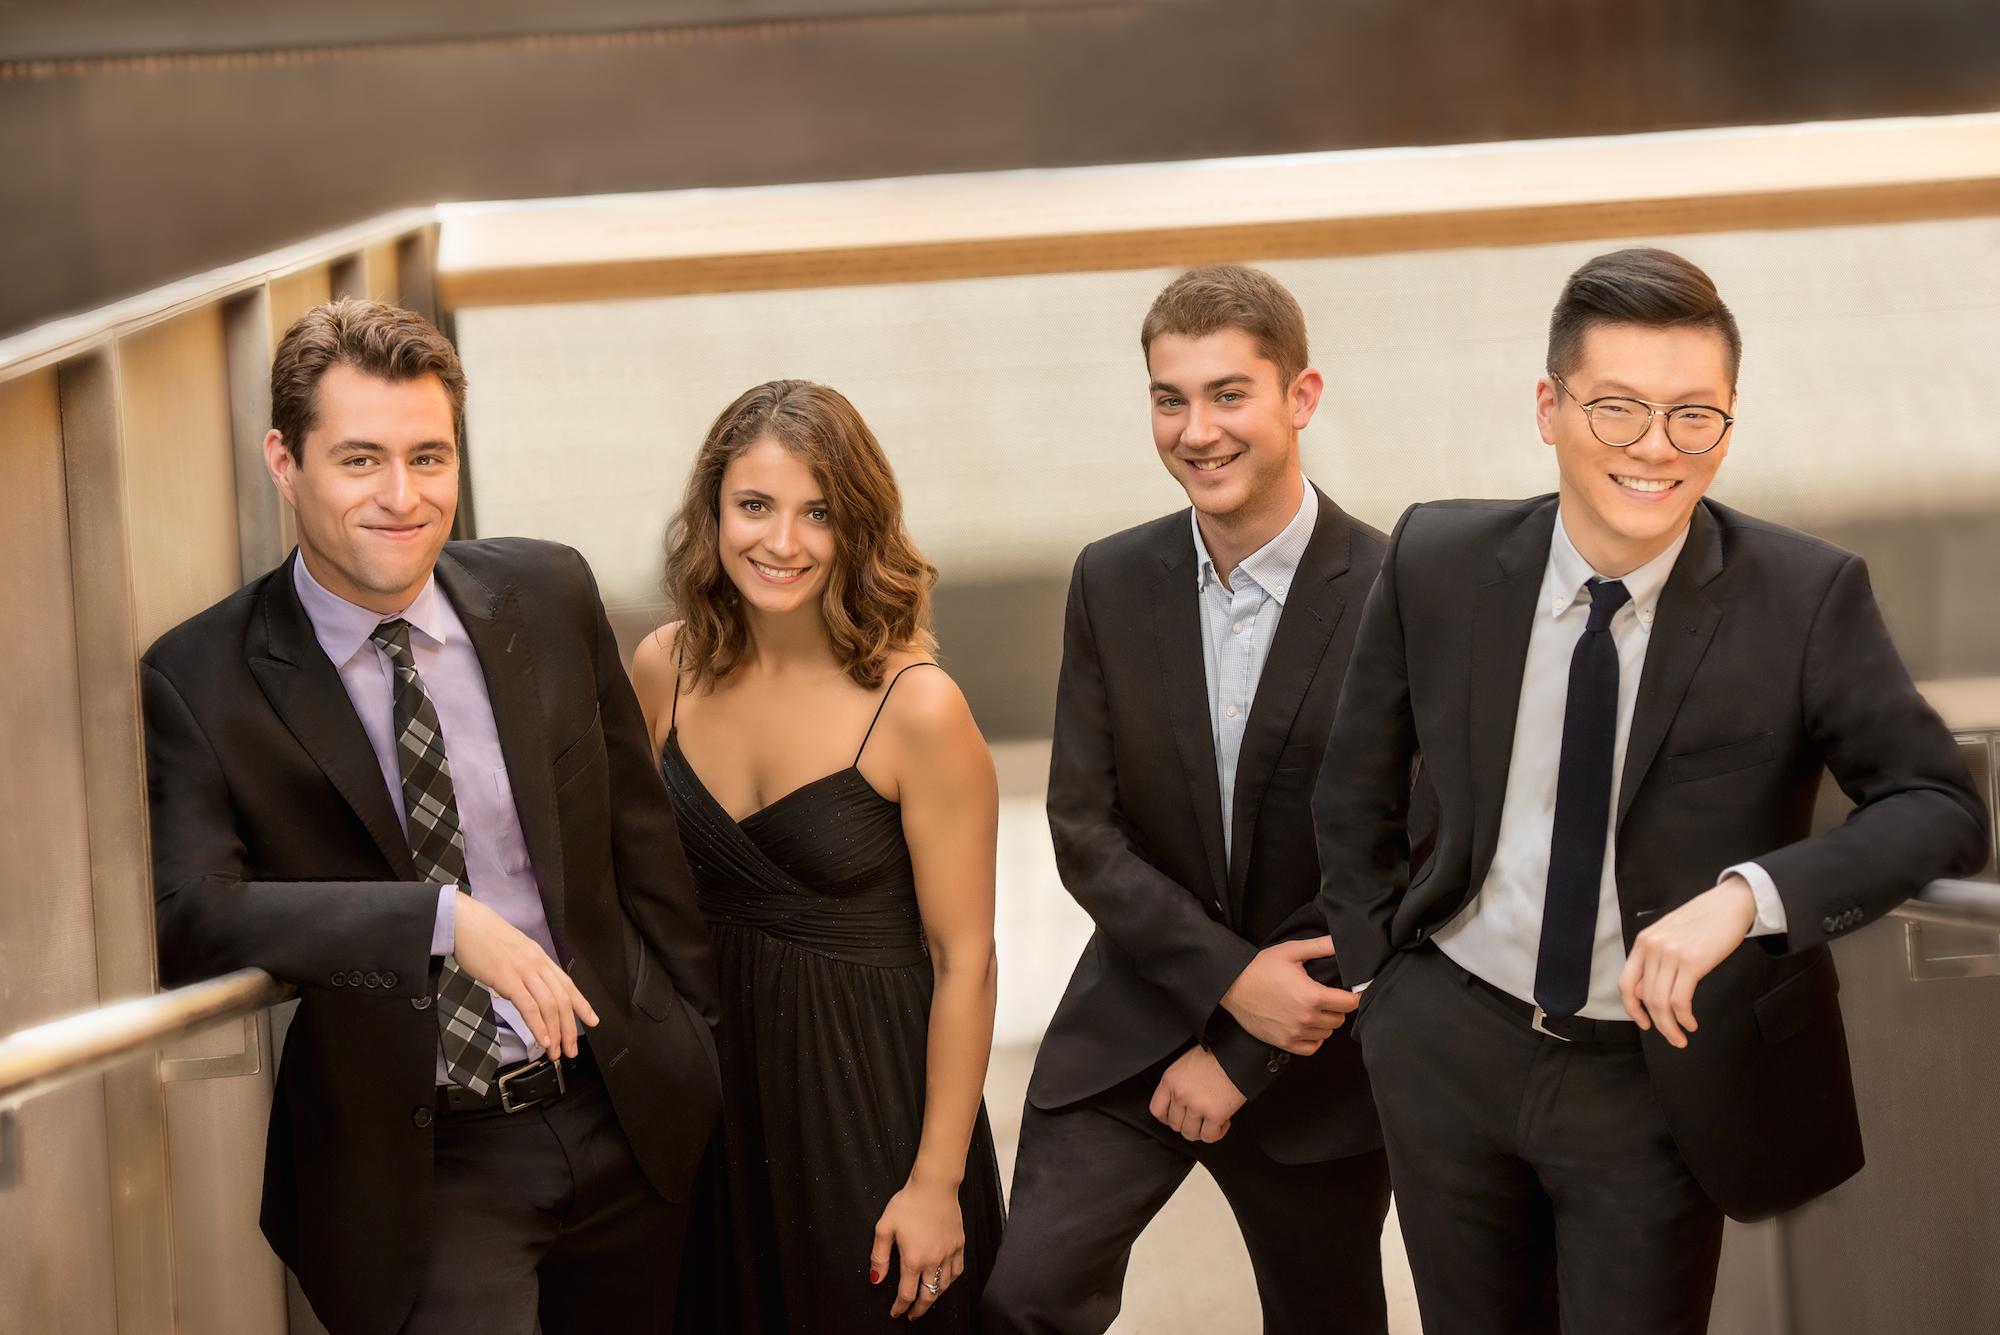 <p>The Dover Quartet</p>